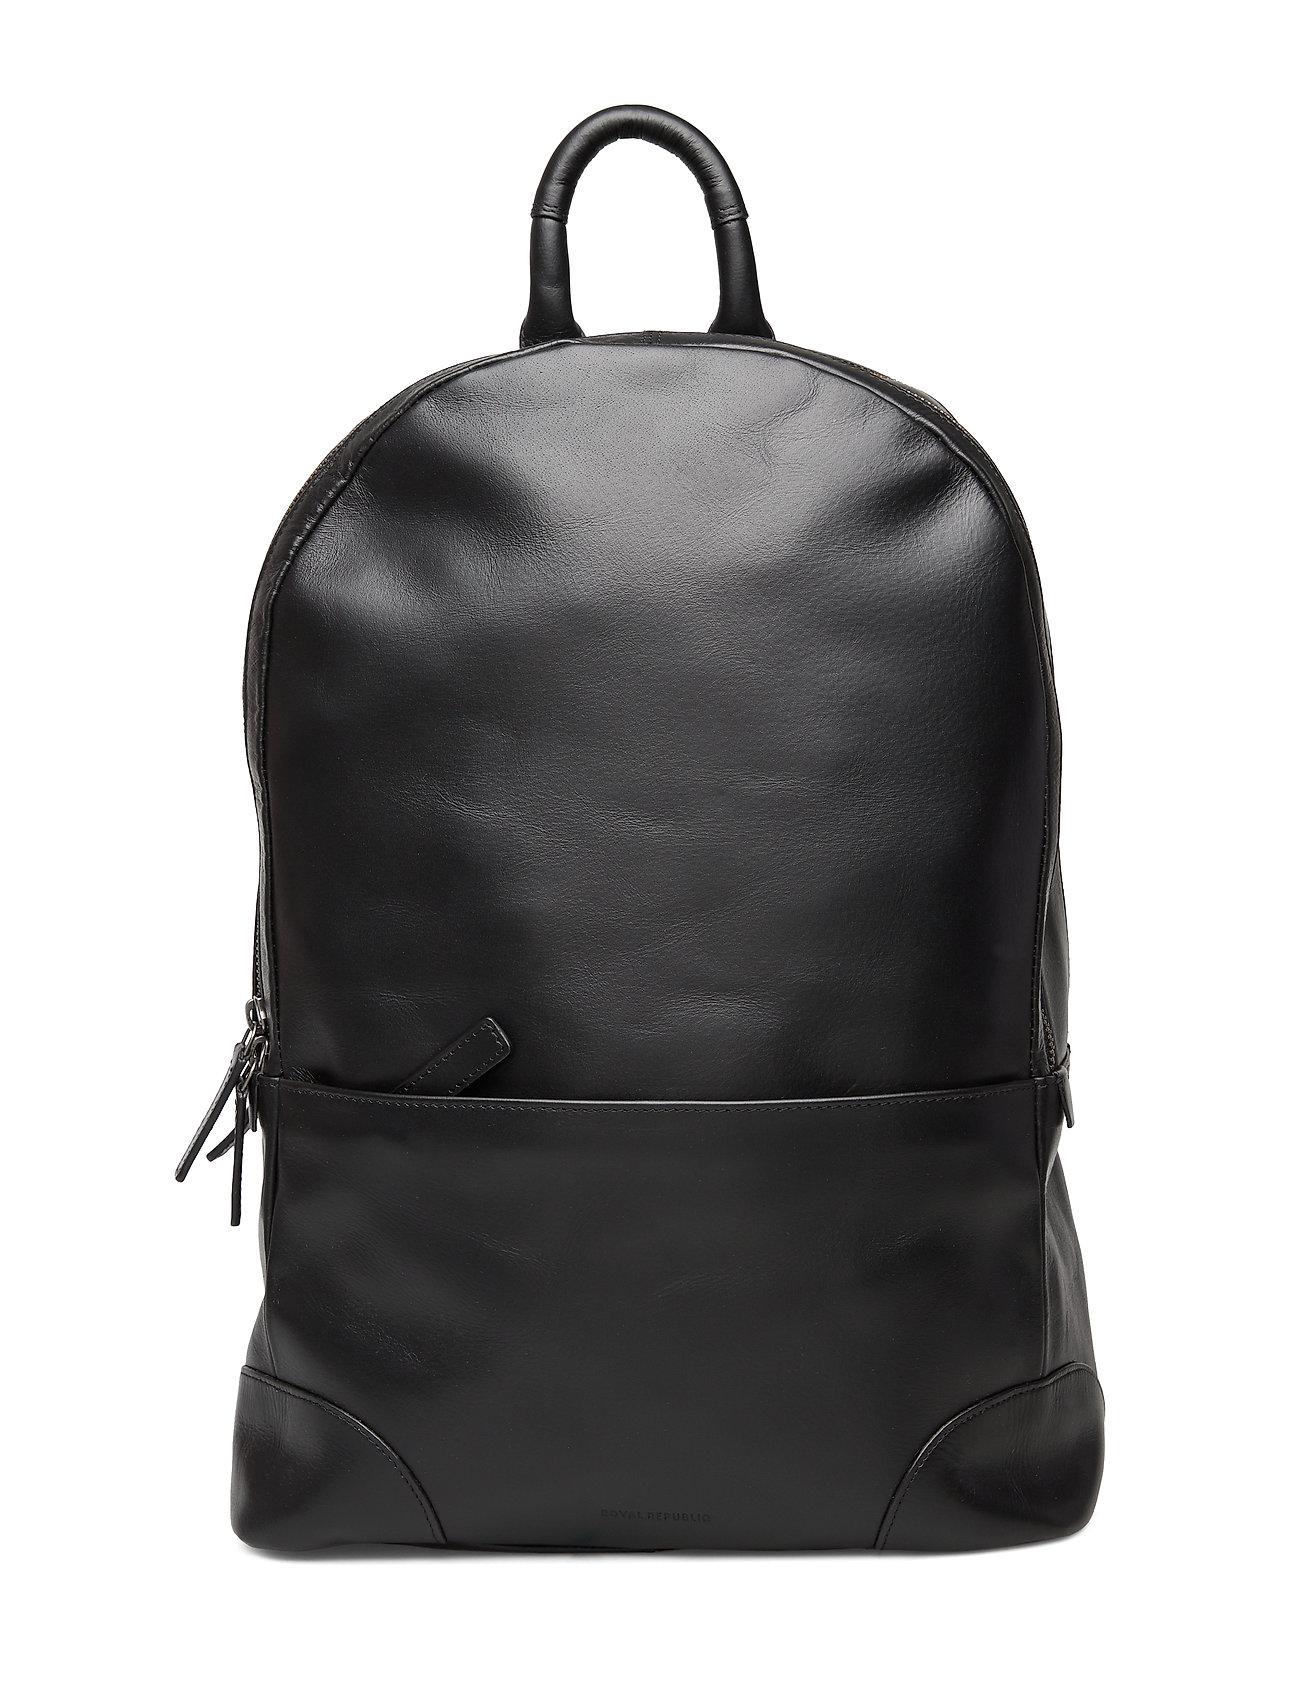 Royal RepubliQ Explorer Backpack - BLACK